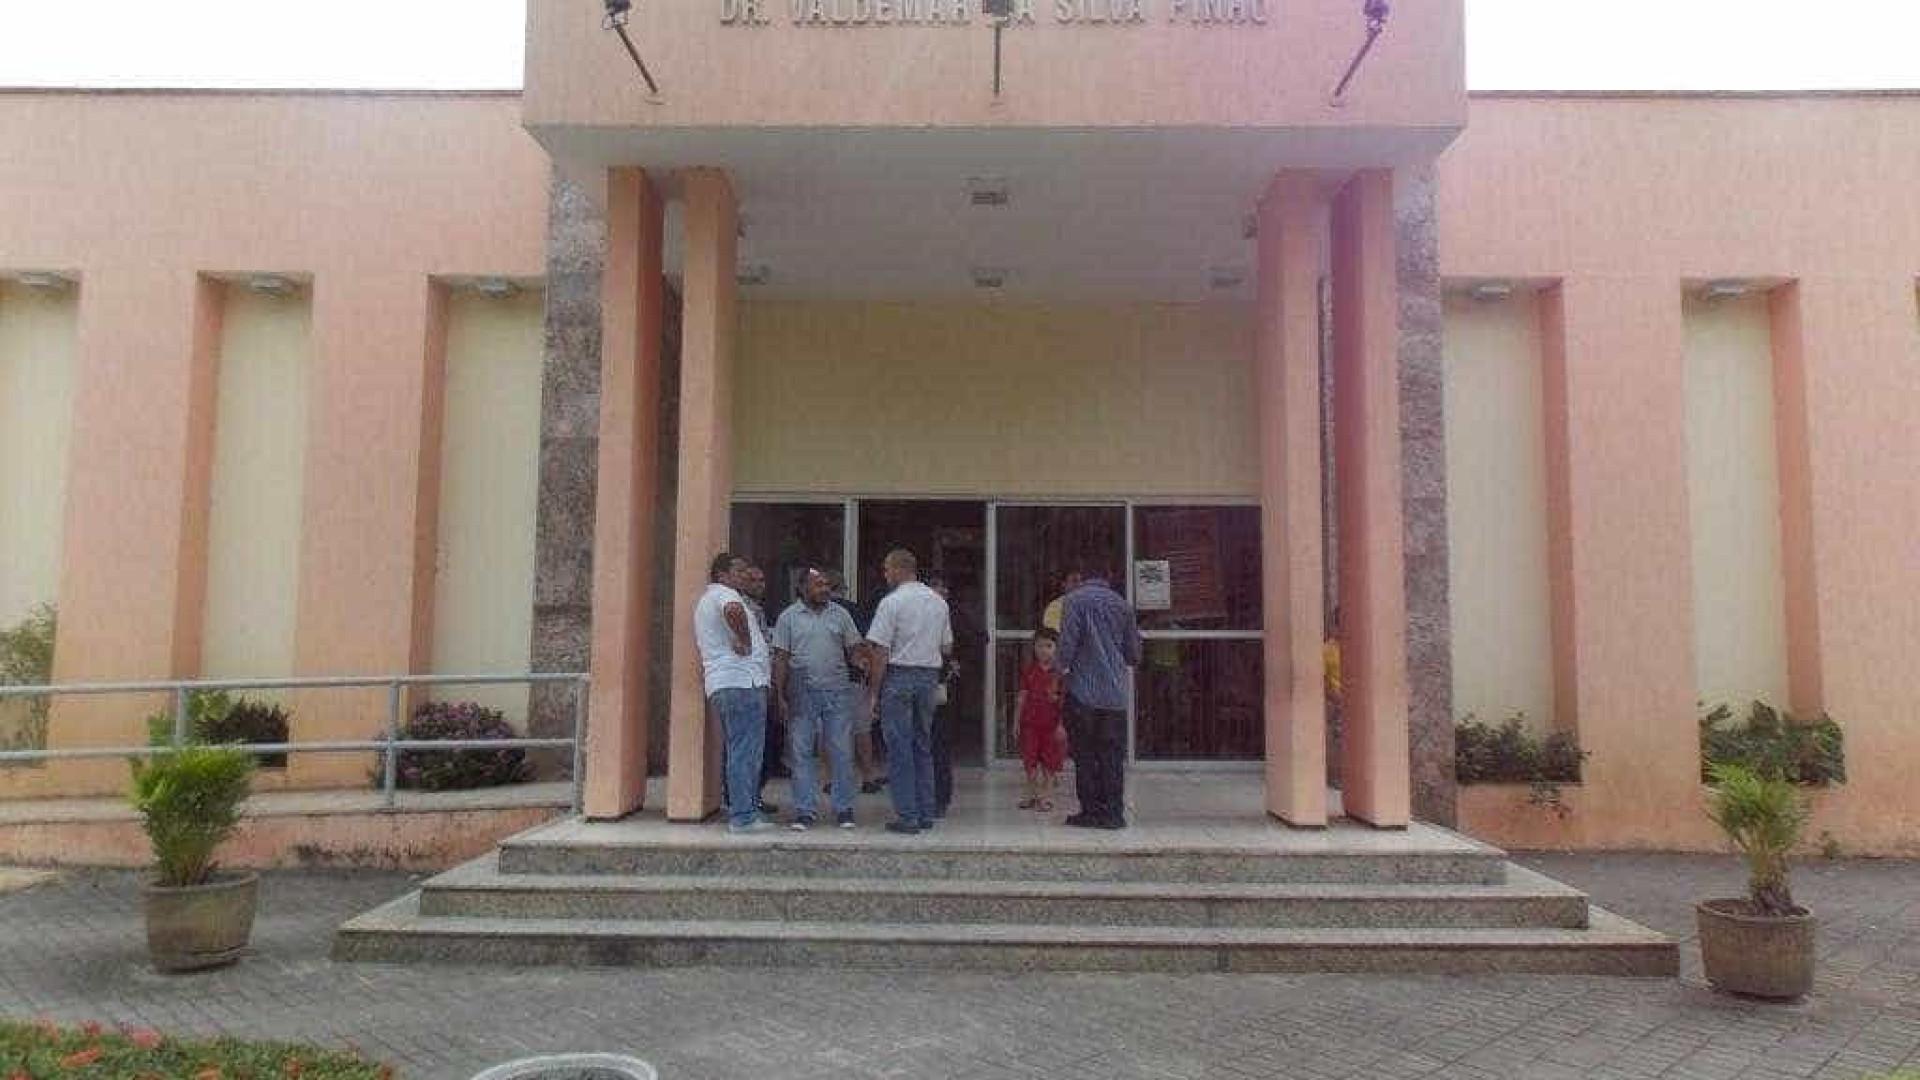 Terceiro fórum é atacado no Ceará neste mês